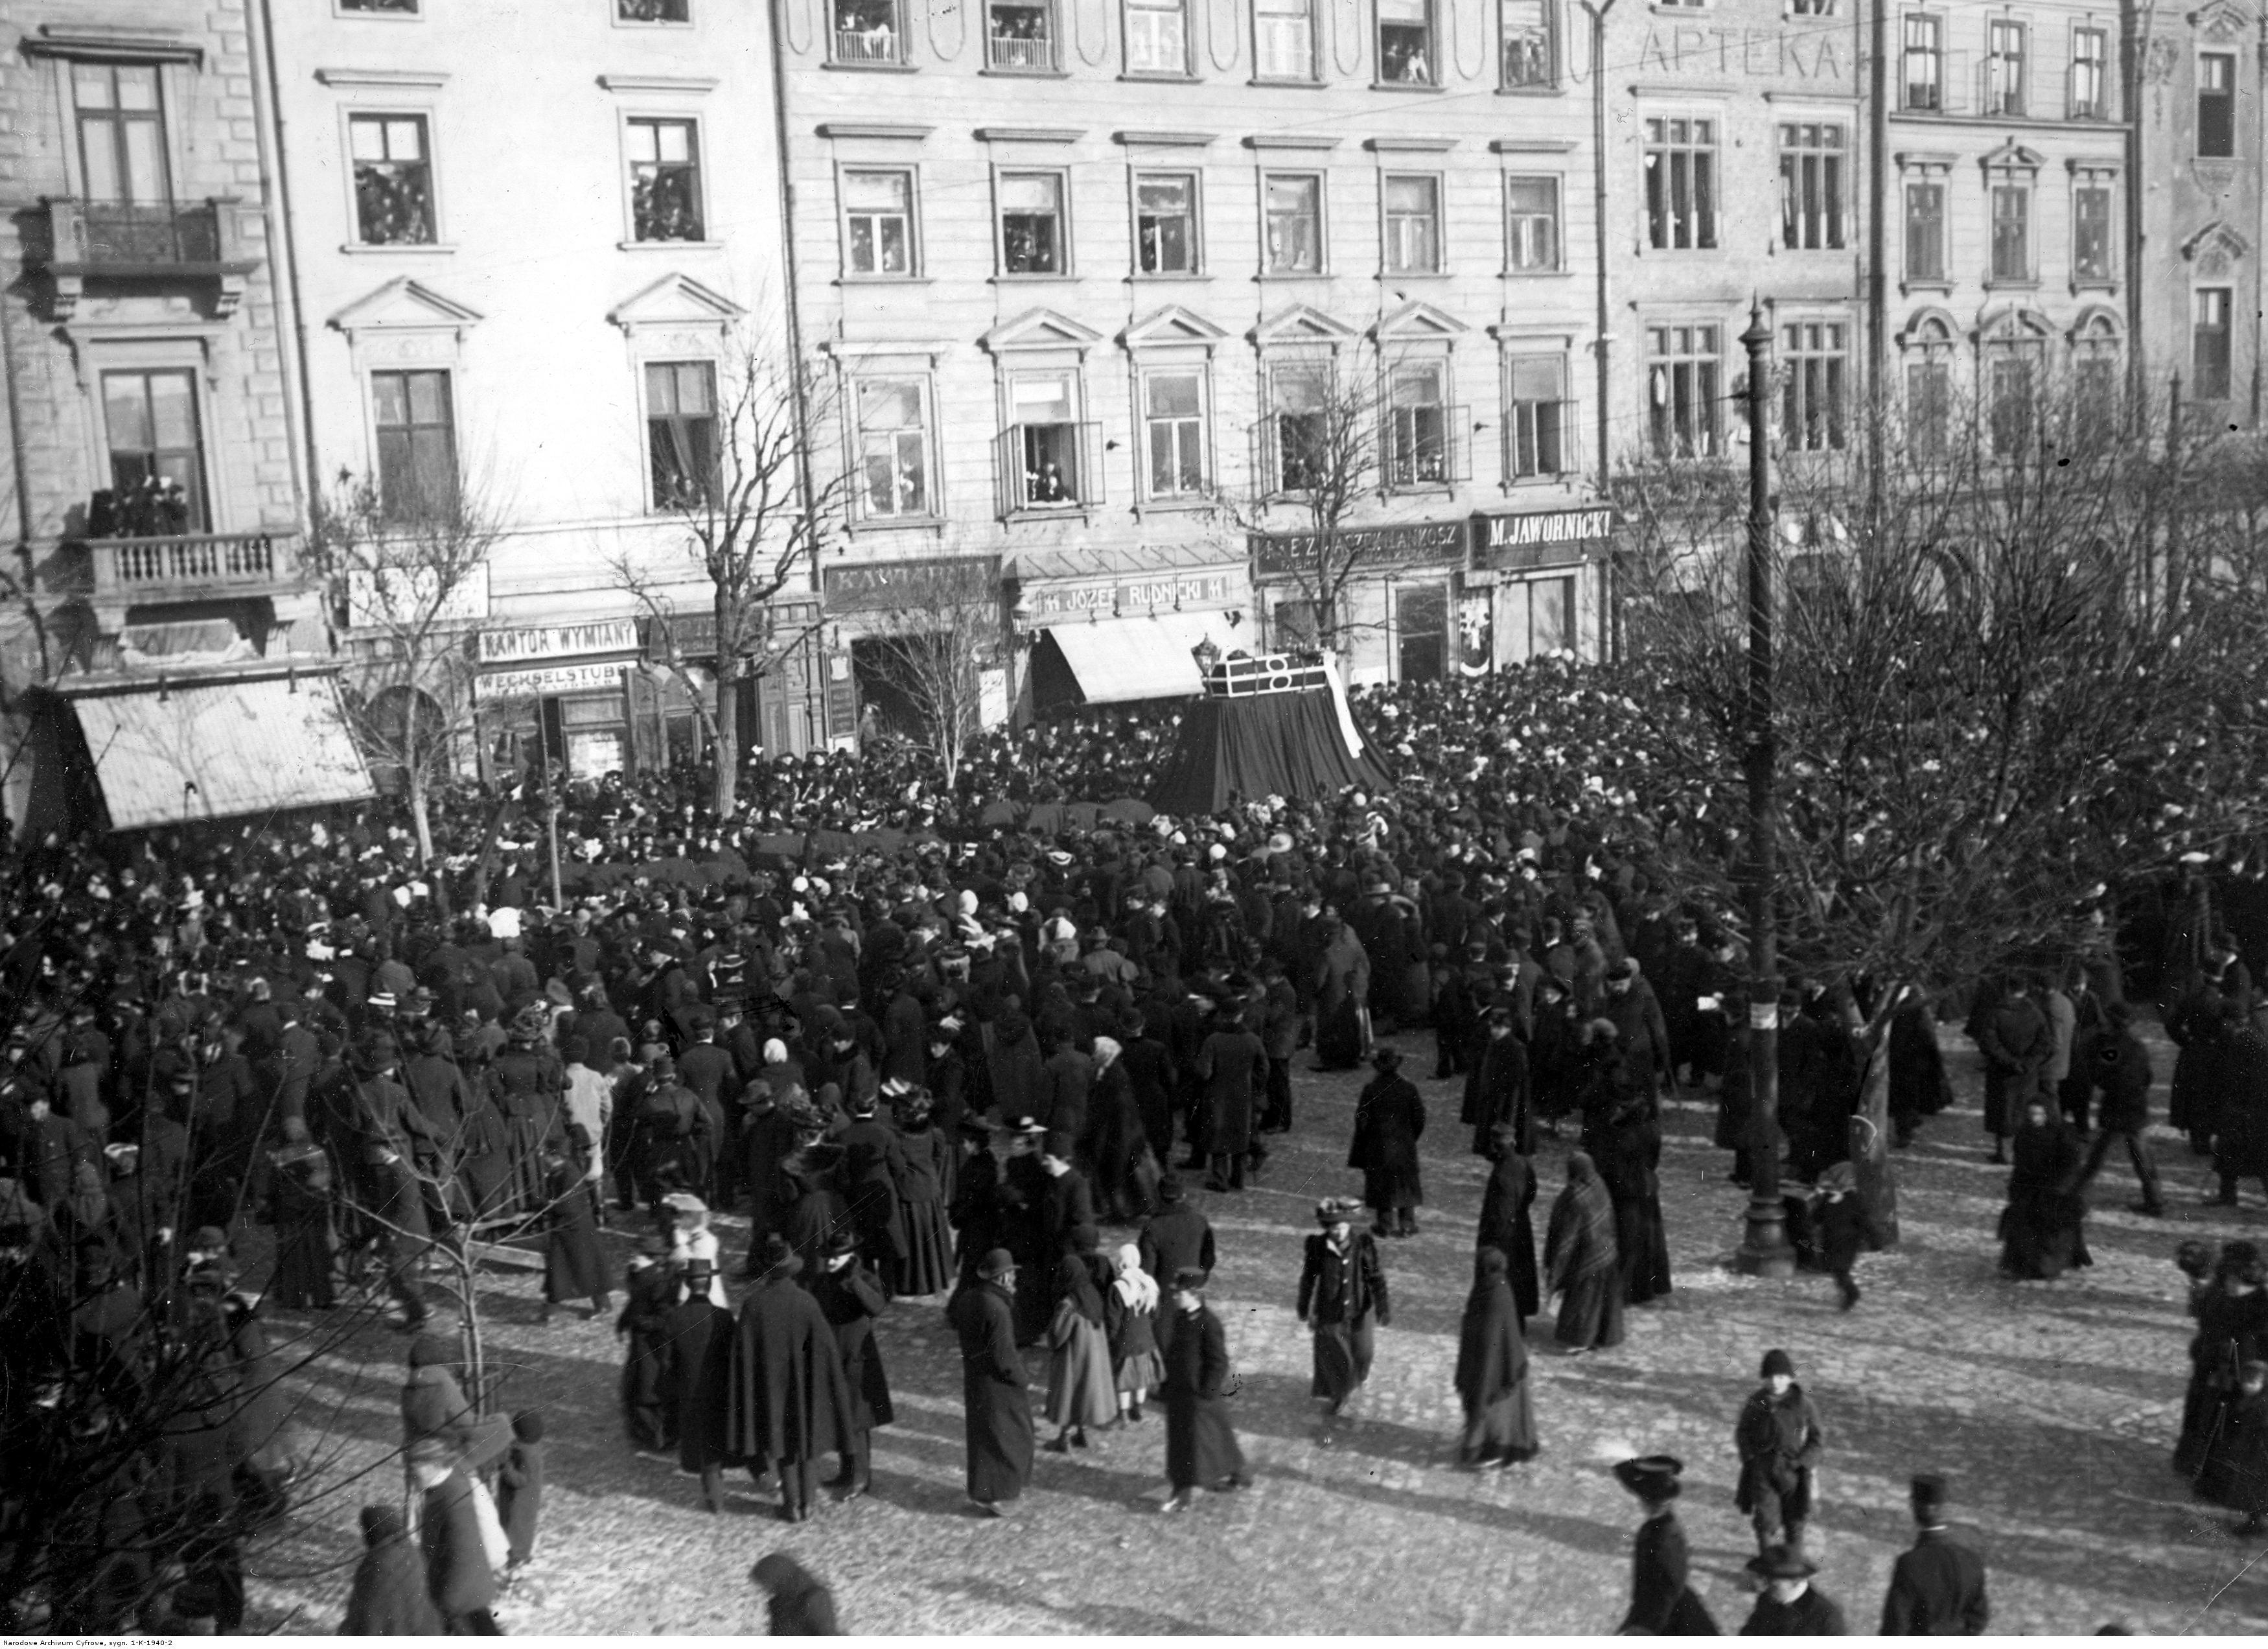 Kondukt pogrzebowy Stanisława Wyspiańskiego na Rynku Głównym w 1907 roku, źródło: Narodowe Archiwum Cyfrowe